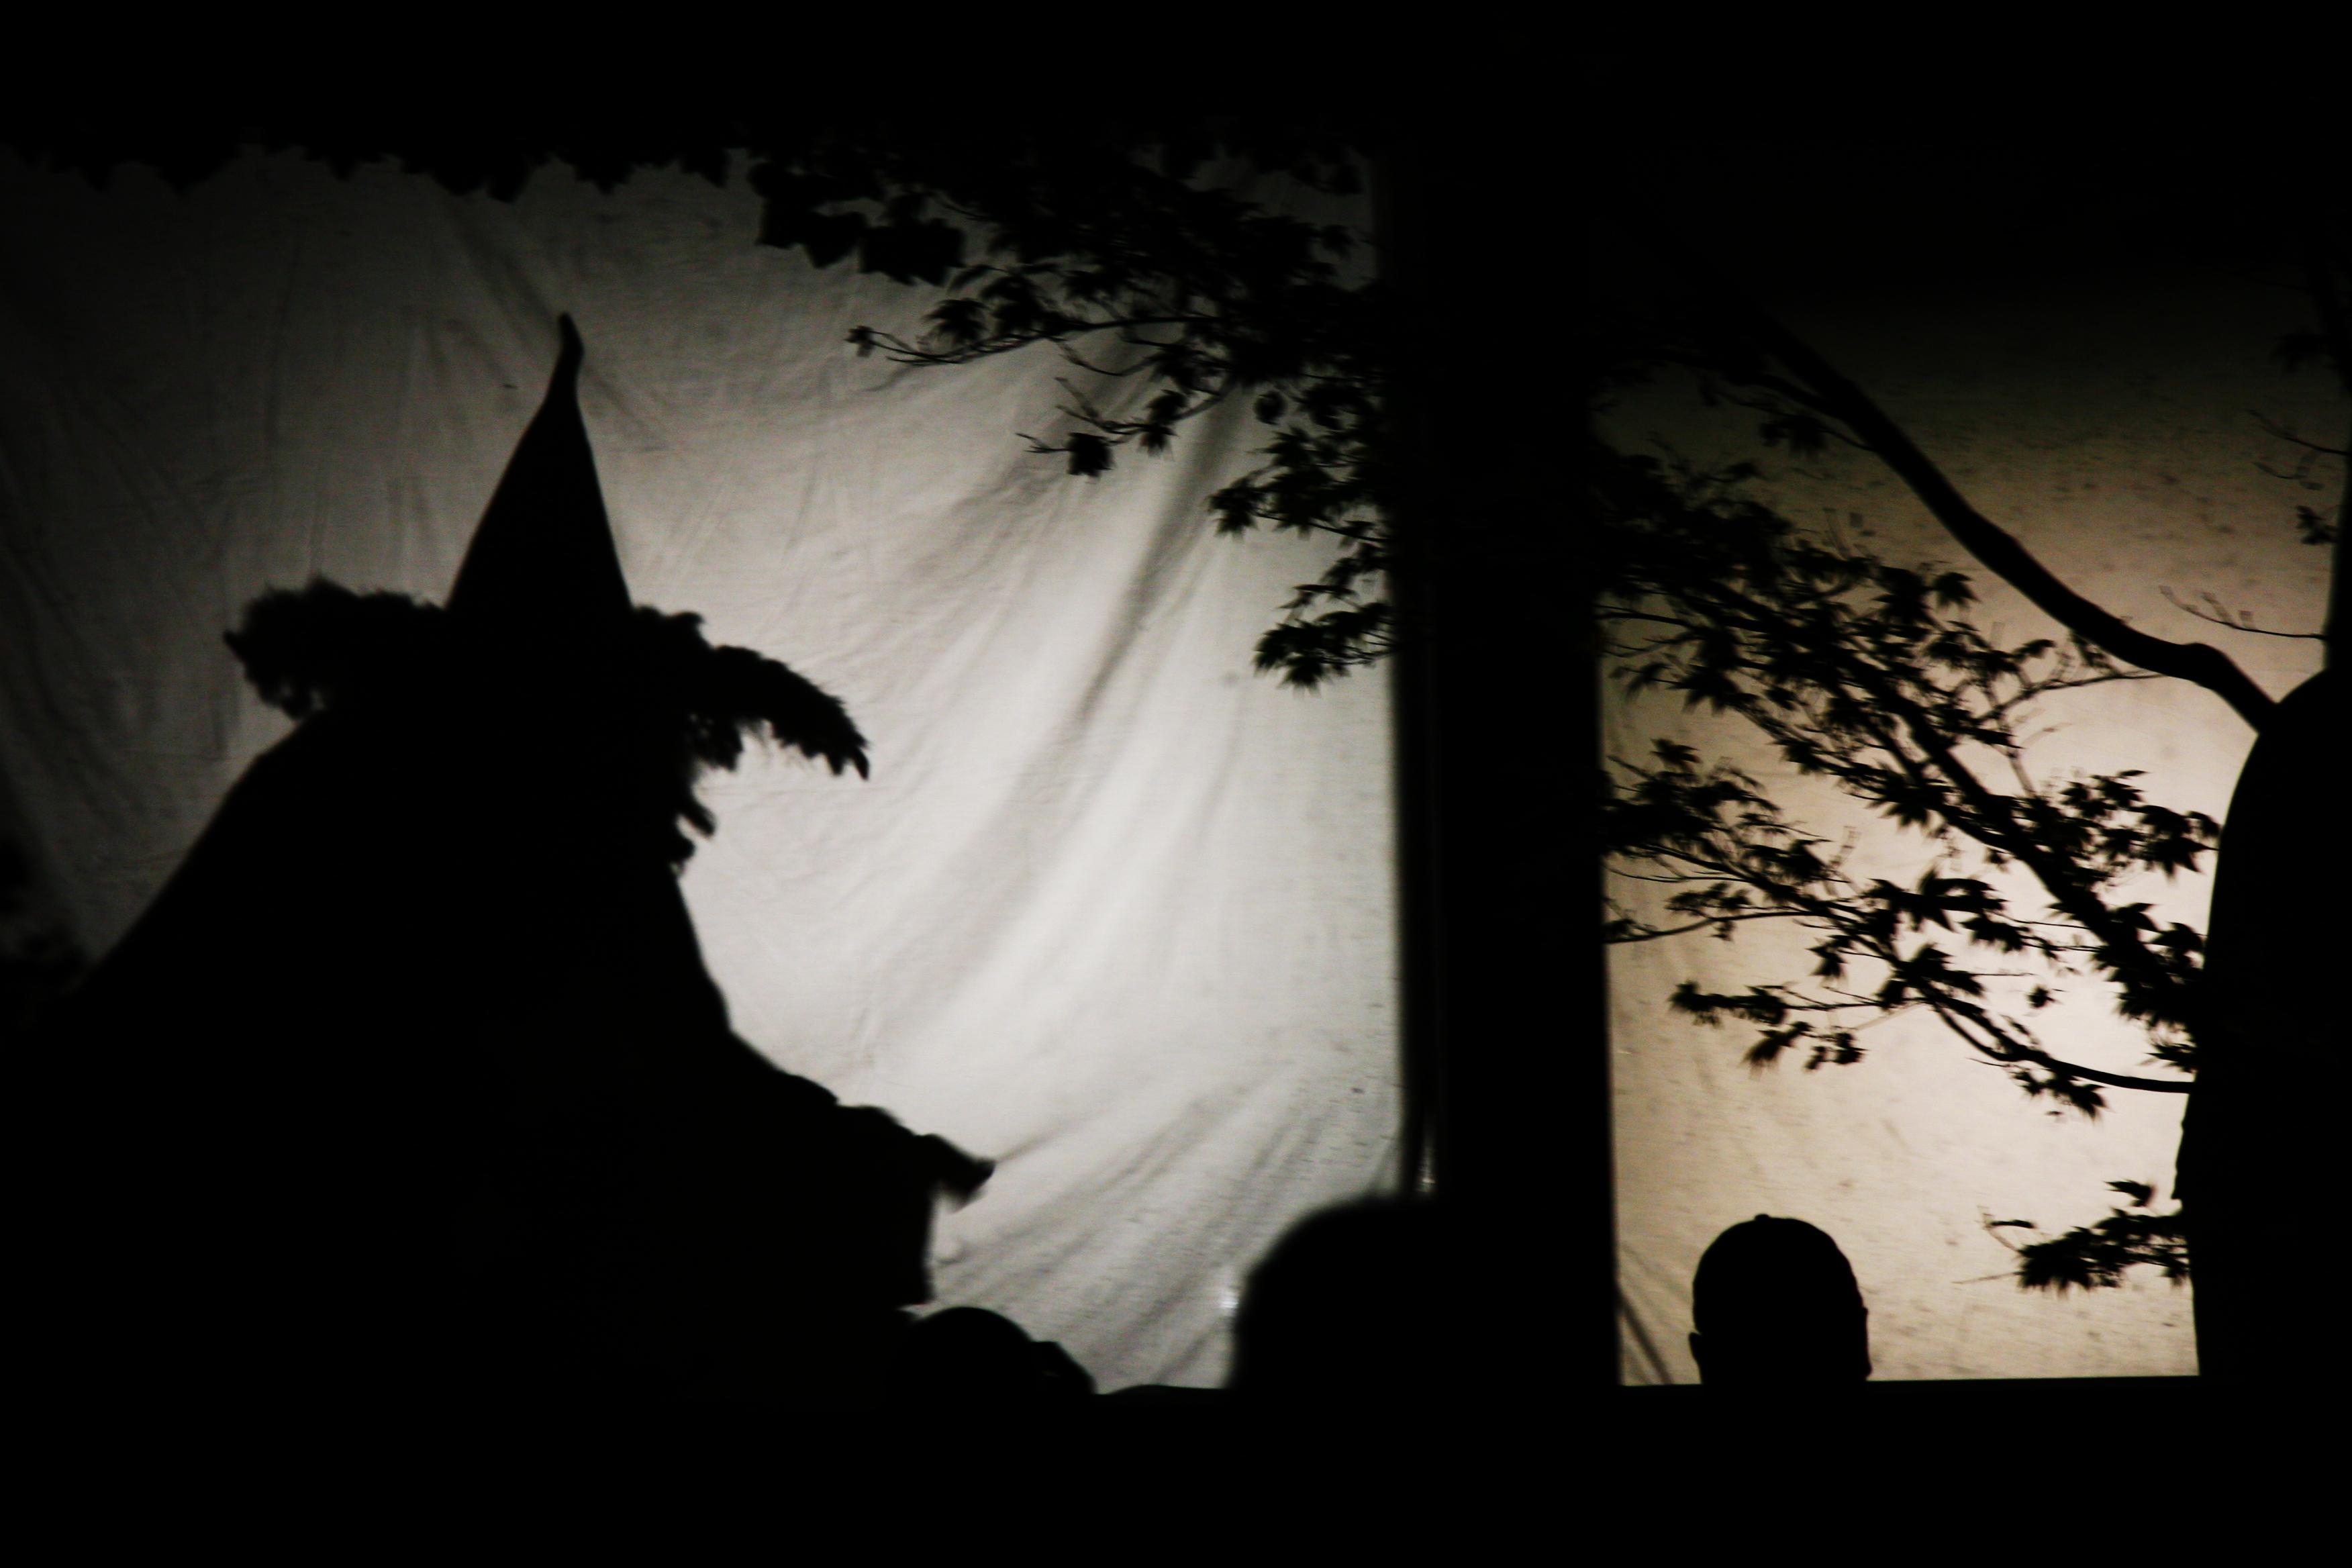 ShadowPlay at Halloween!